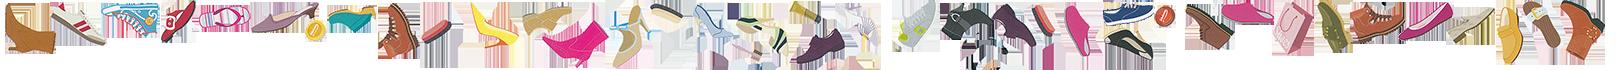 Banner Farrenkopf Schuhe Buchen